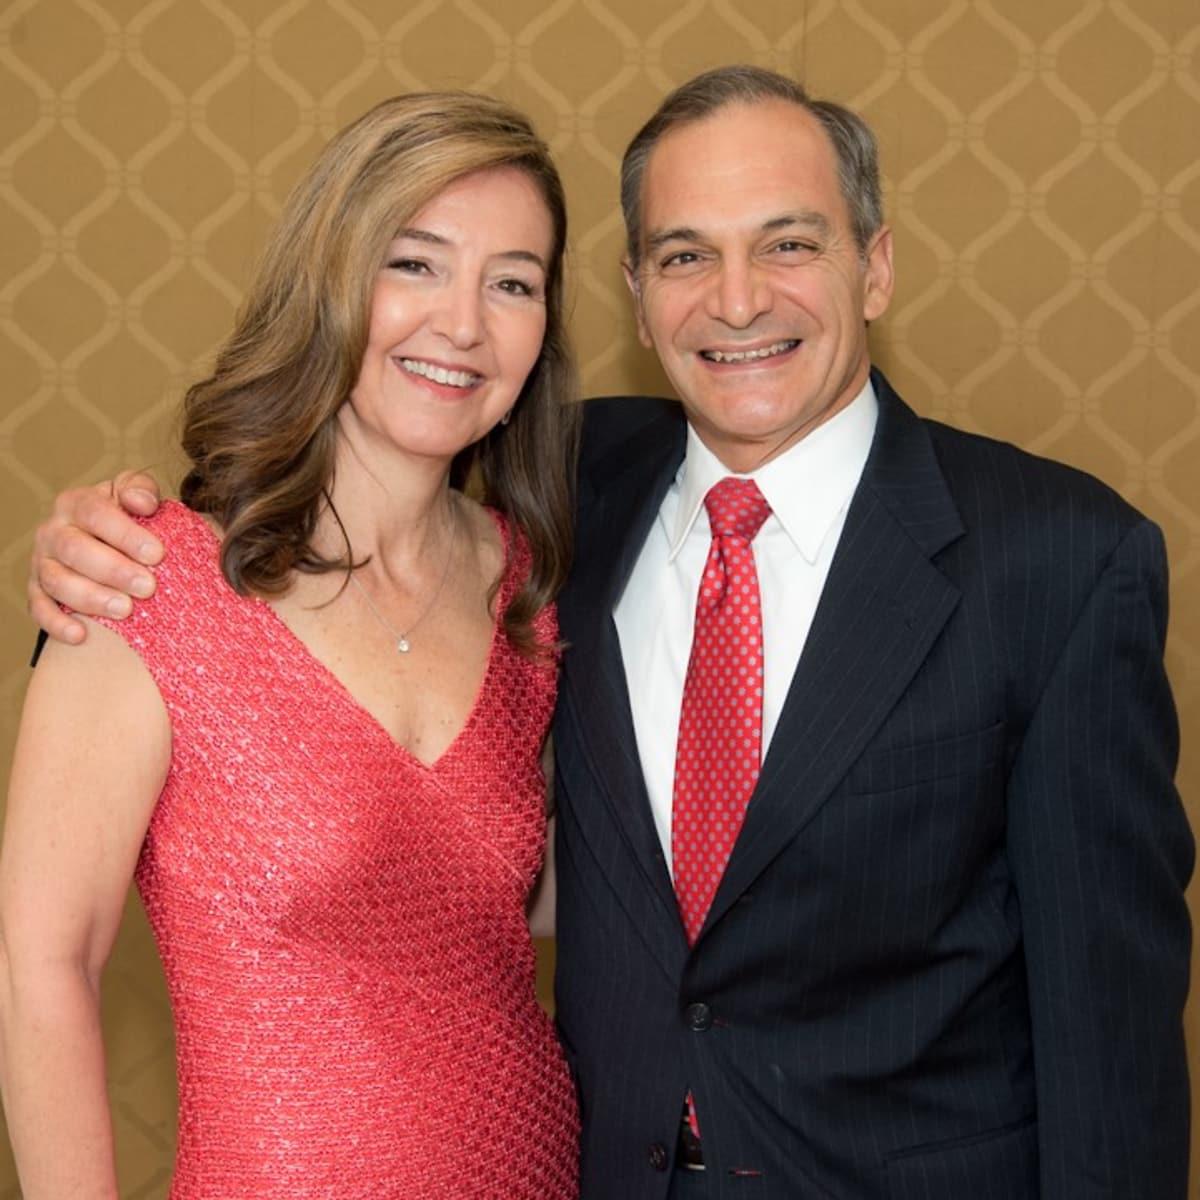 Ronald McDonald gala, Susan and David Rosenberg